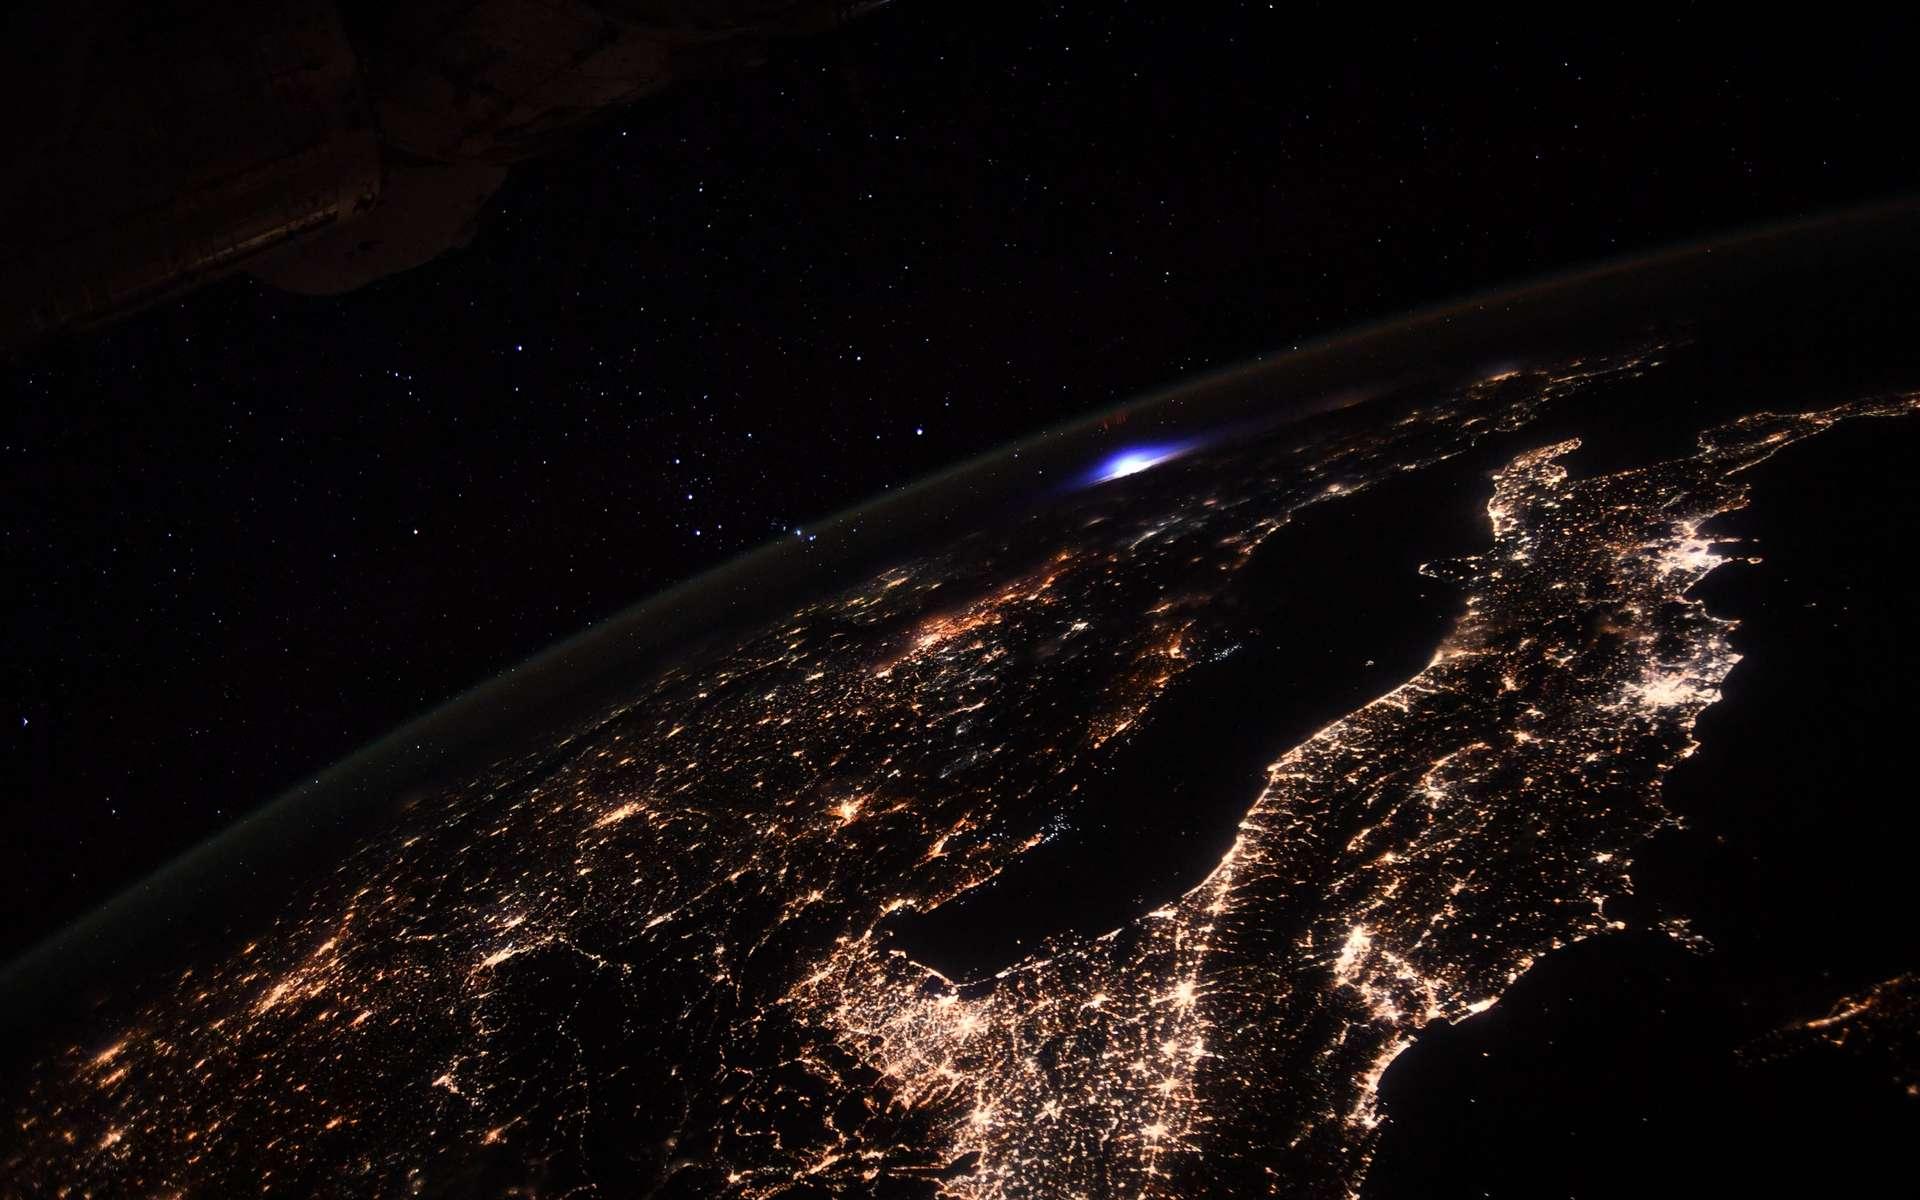 Un orage vu de la Station spatiale début septembre 2021. © Nasa, ESA, T. Pesquet